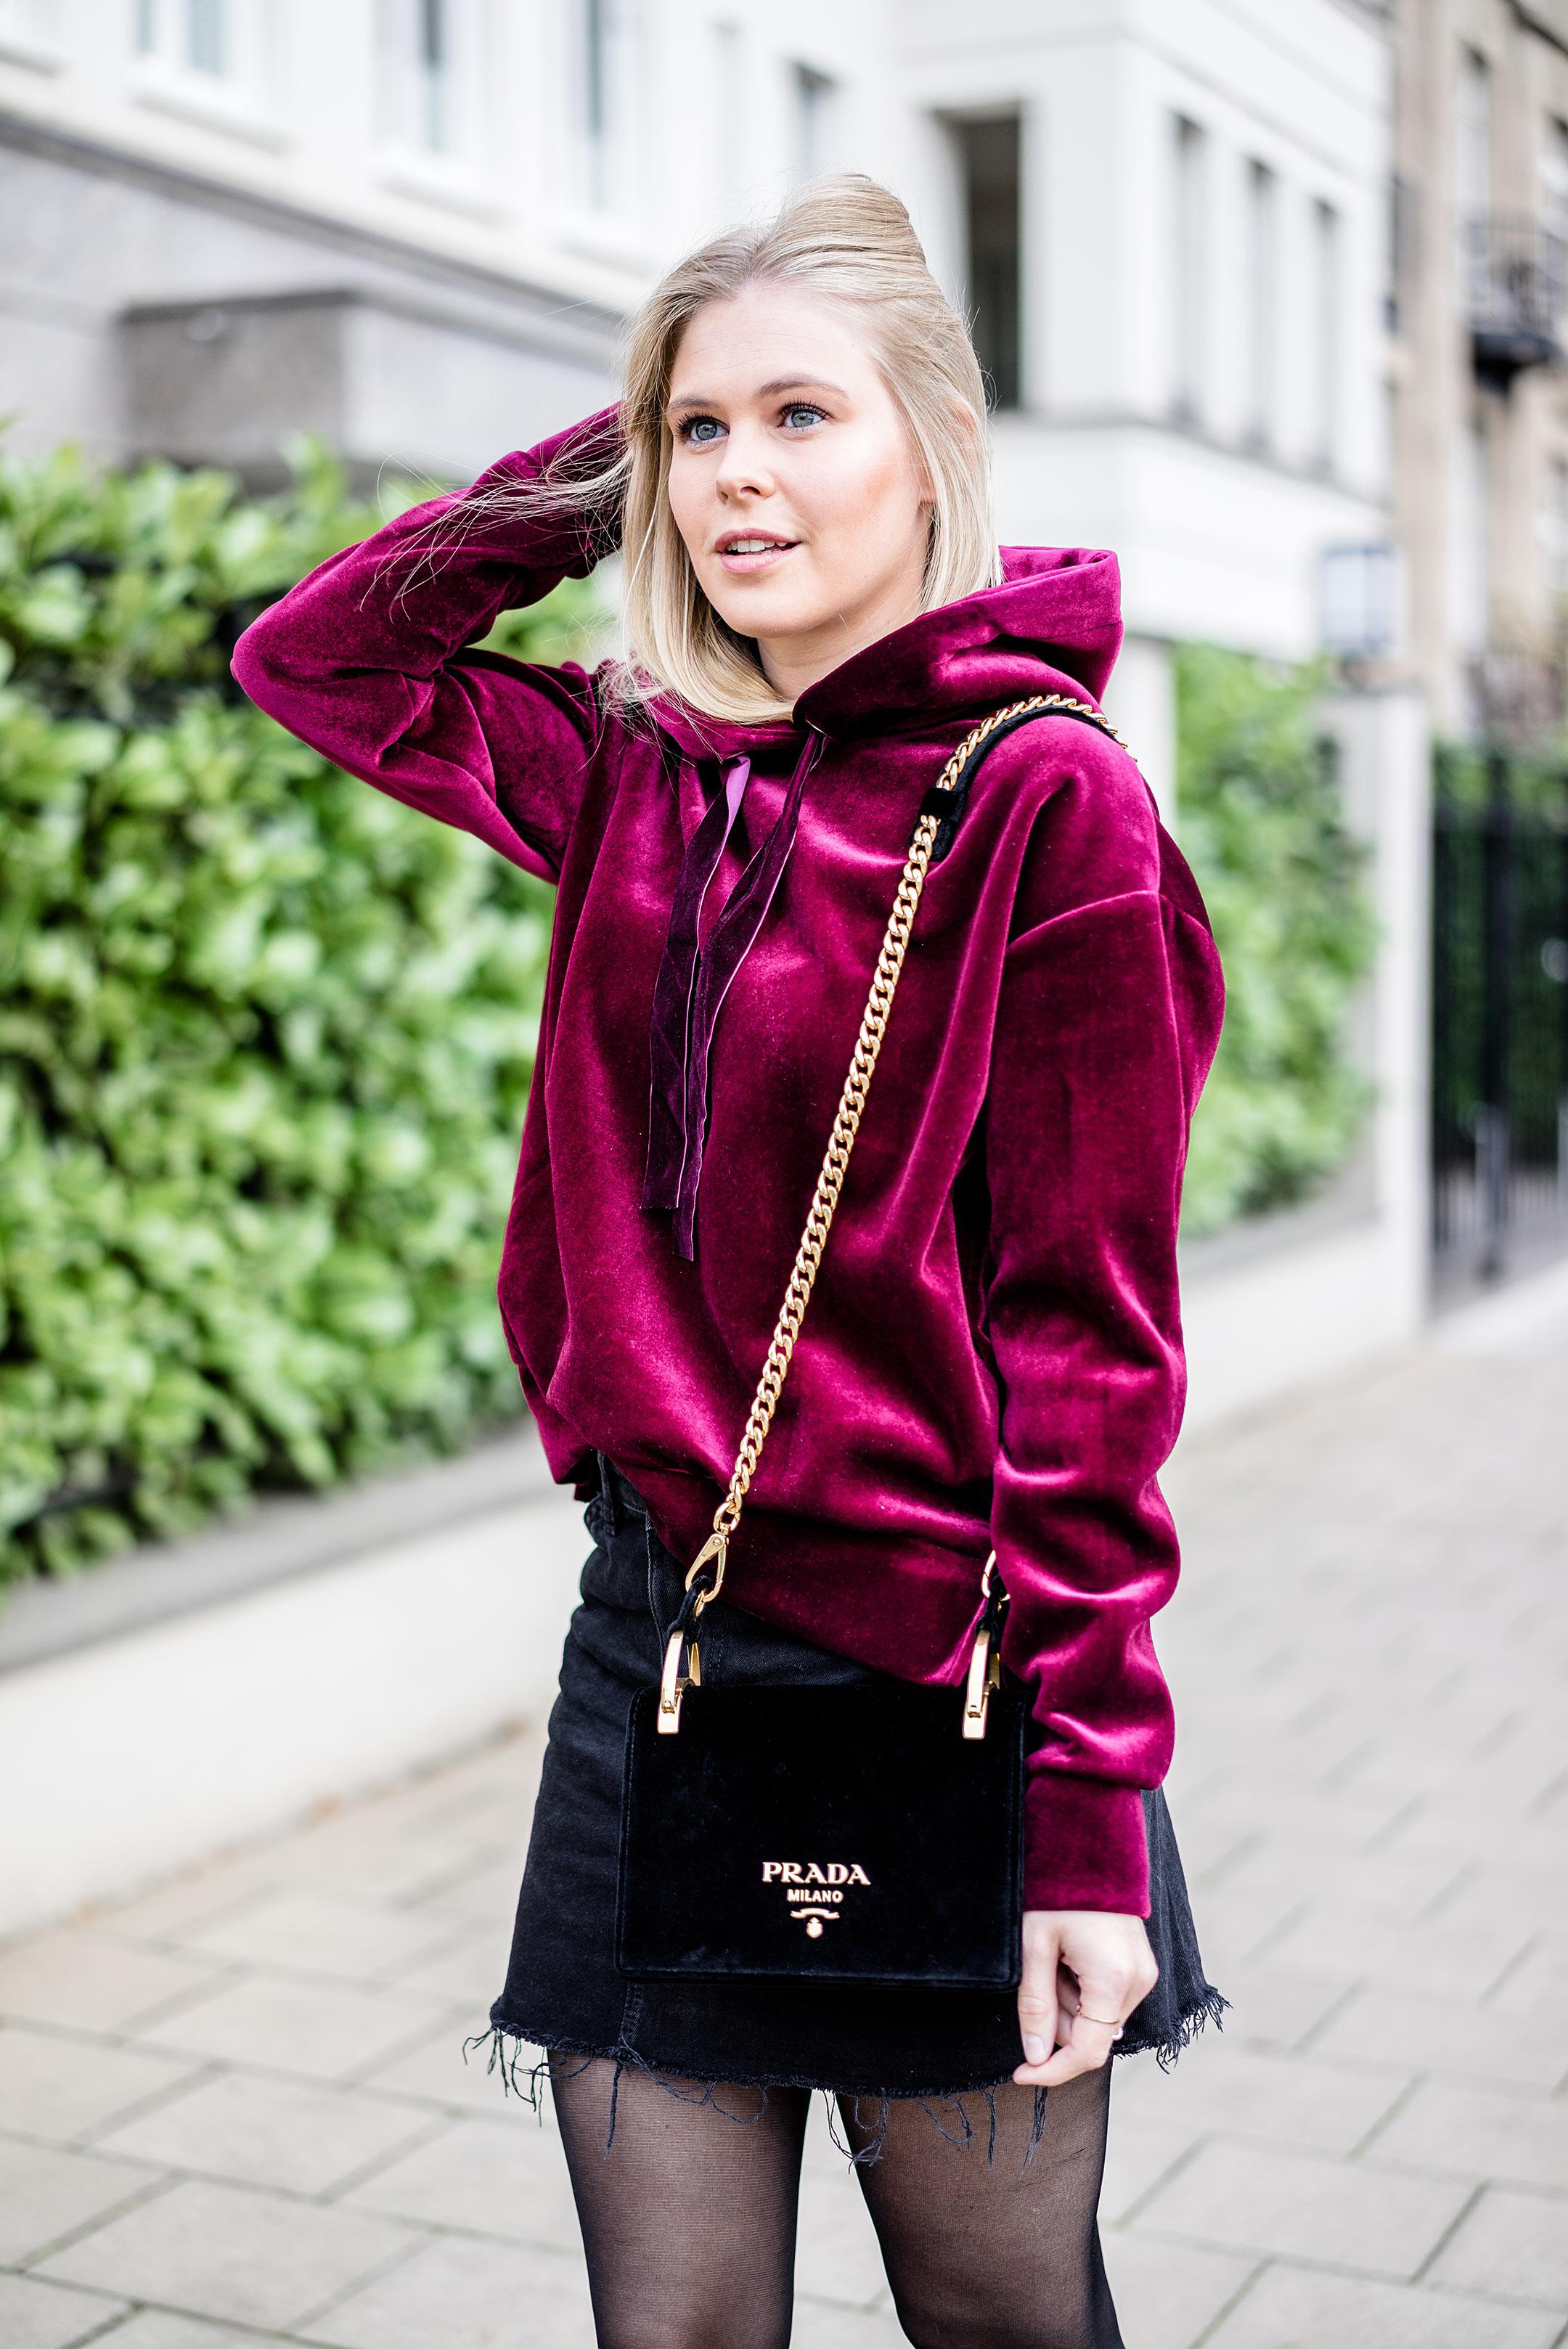 Sunnyinga Samt Outfit Herbst Trend Prada Handtasche schwarz Fashionette